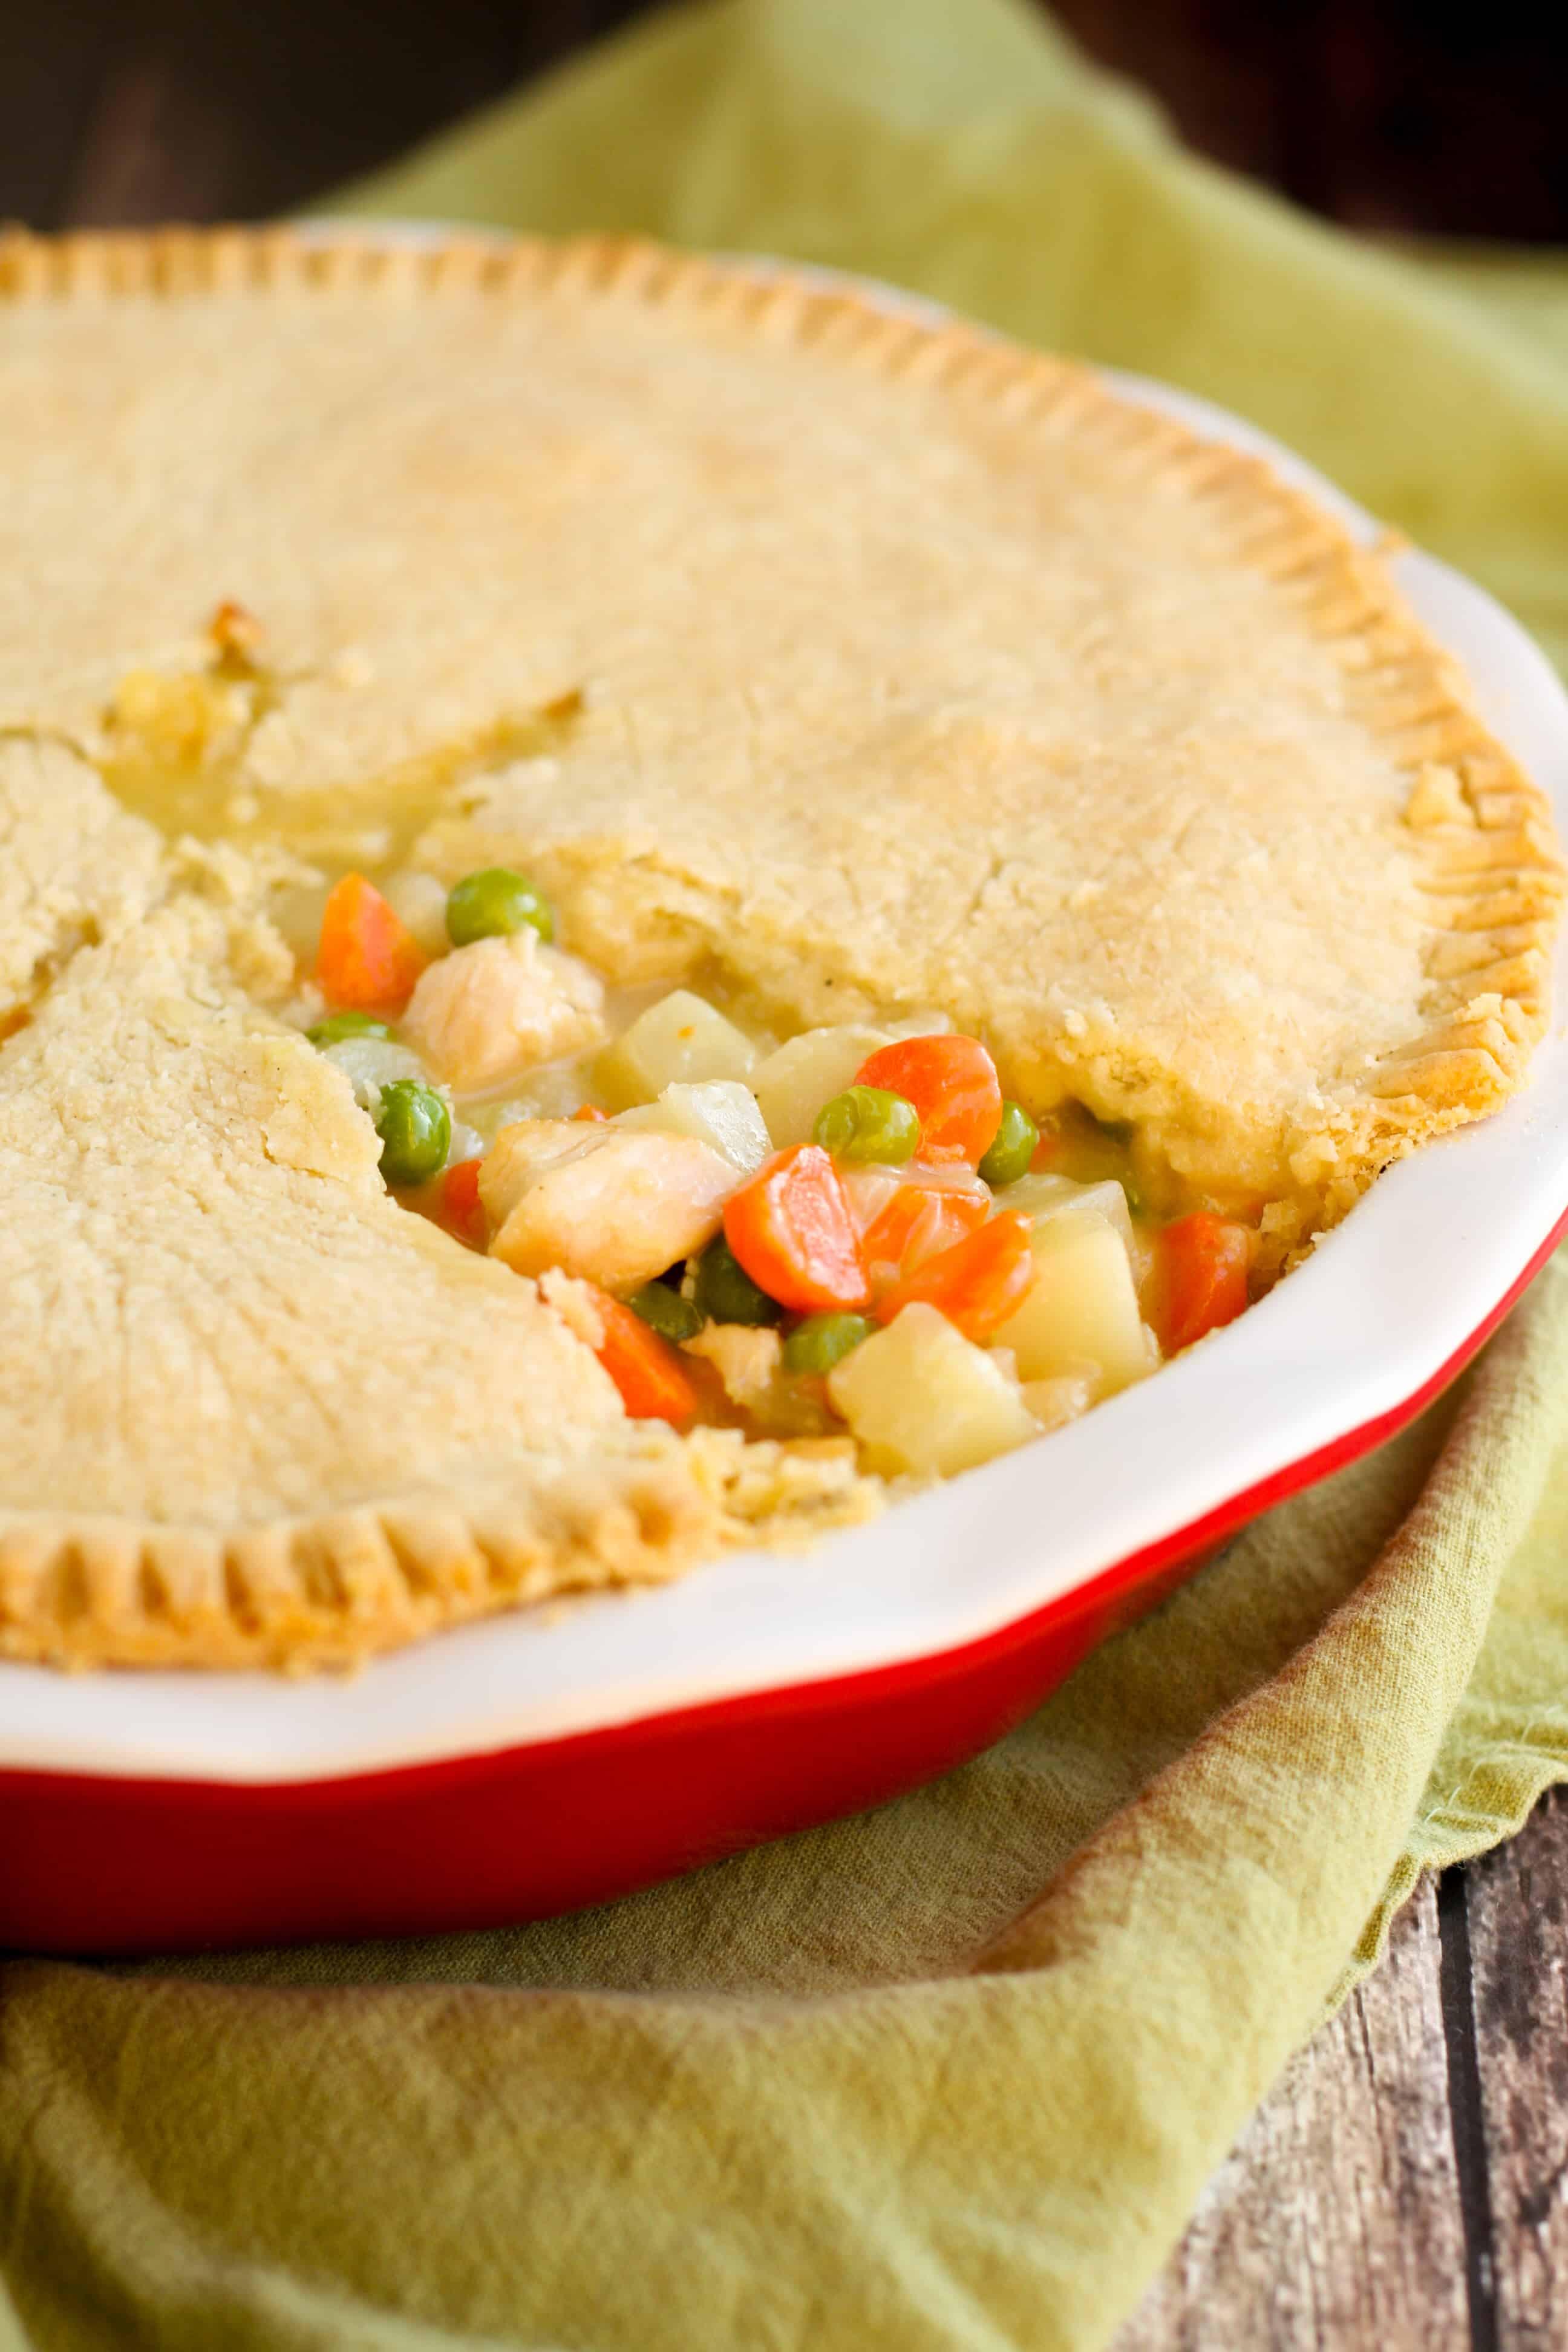 Gluten Free Chicken Pot Pie  Top 15 Gluten Free Recipes of 2015